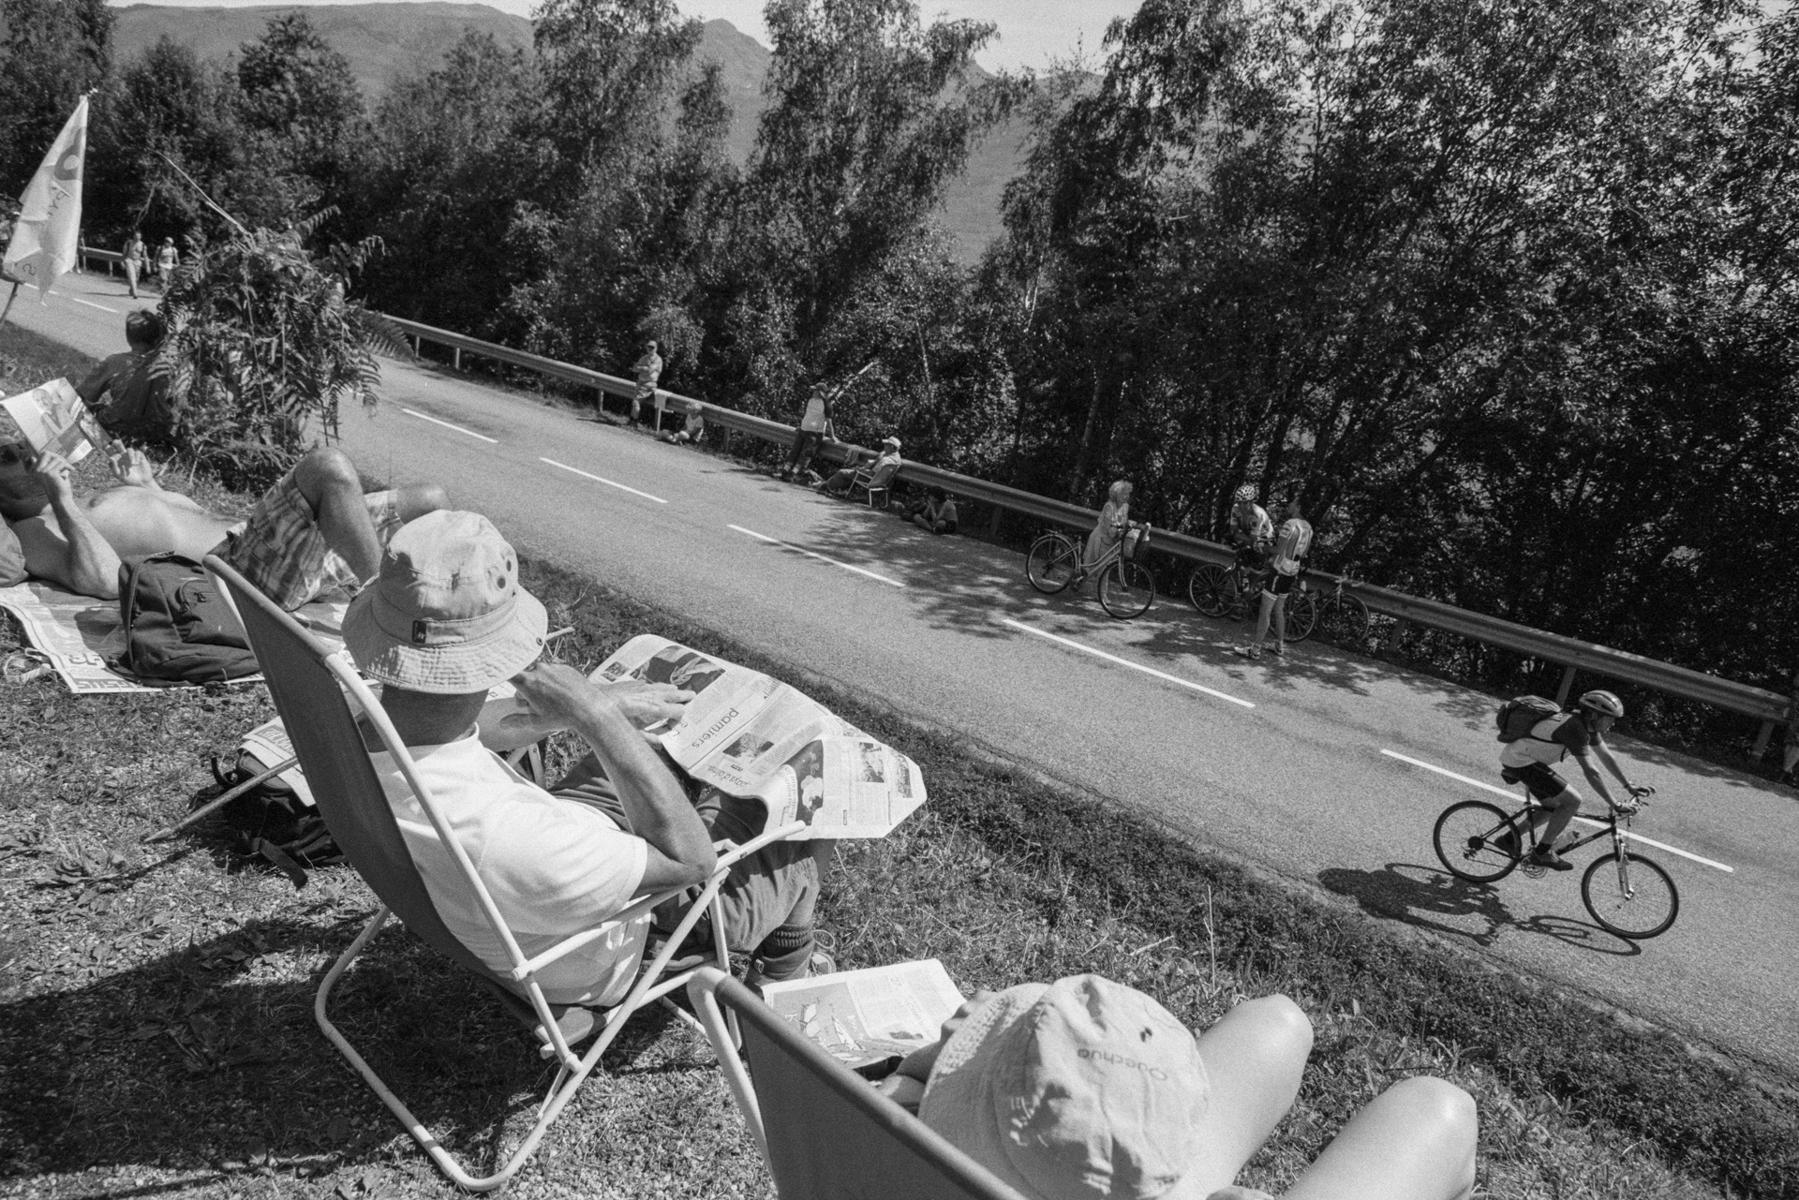 Le Tour de France 2011 Along the road, the first fans have already found their best spot for the day. Tout le long de la montagne, les premiers arrivés se sont déjà placés. Entlang des Berges haben sich die ersten Fans bereits platziert. A lo largo de la montaña, los primeros aficionados se han reservado un sitio preferente.